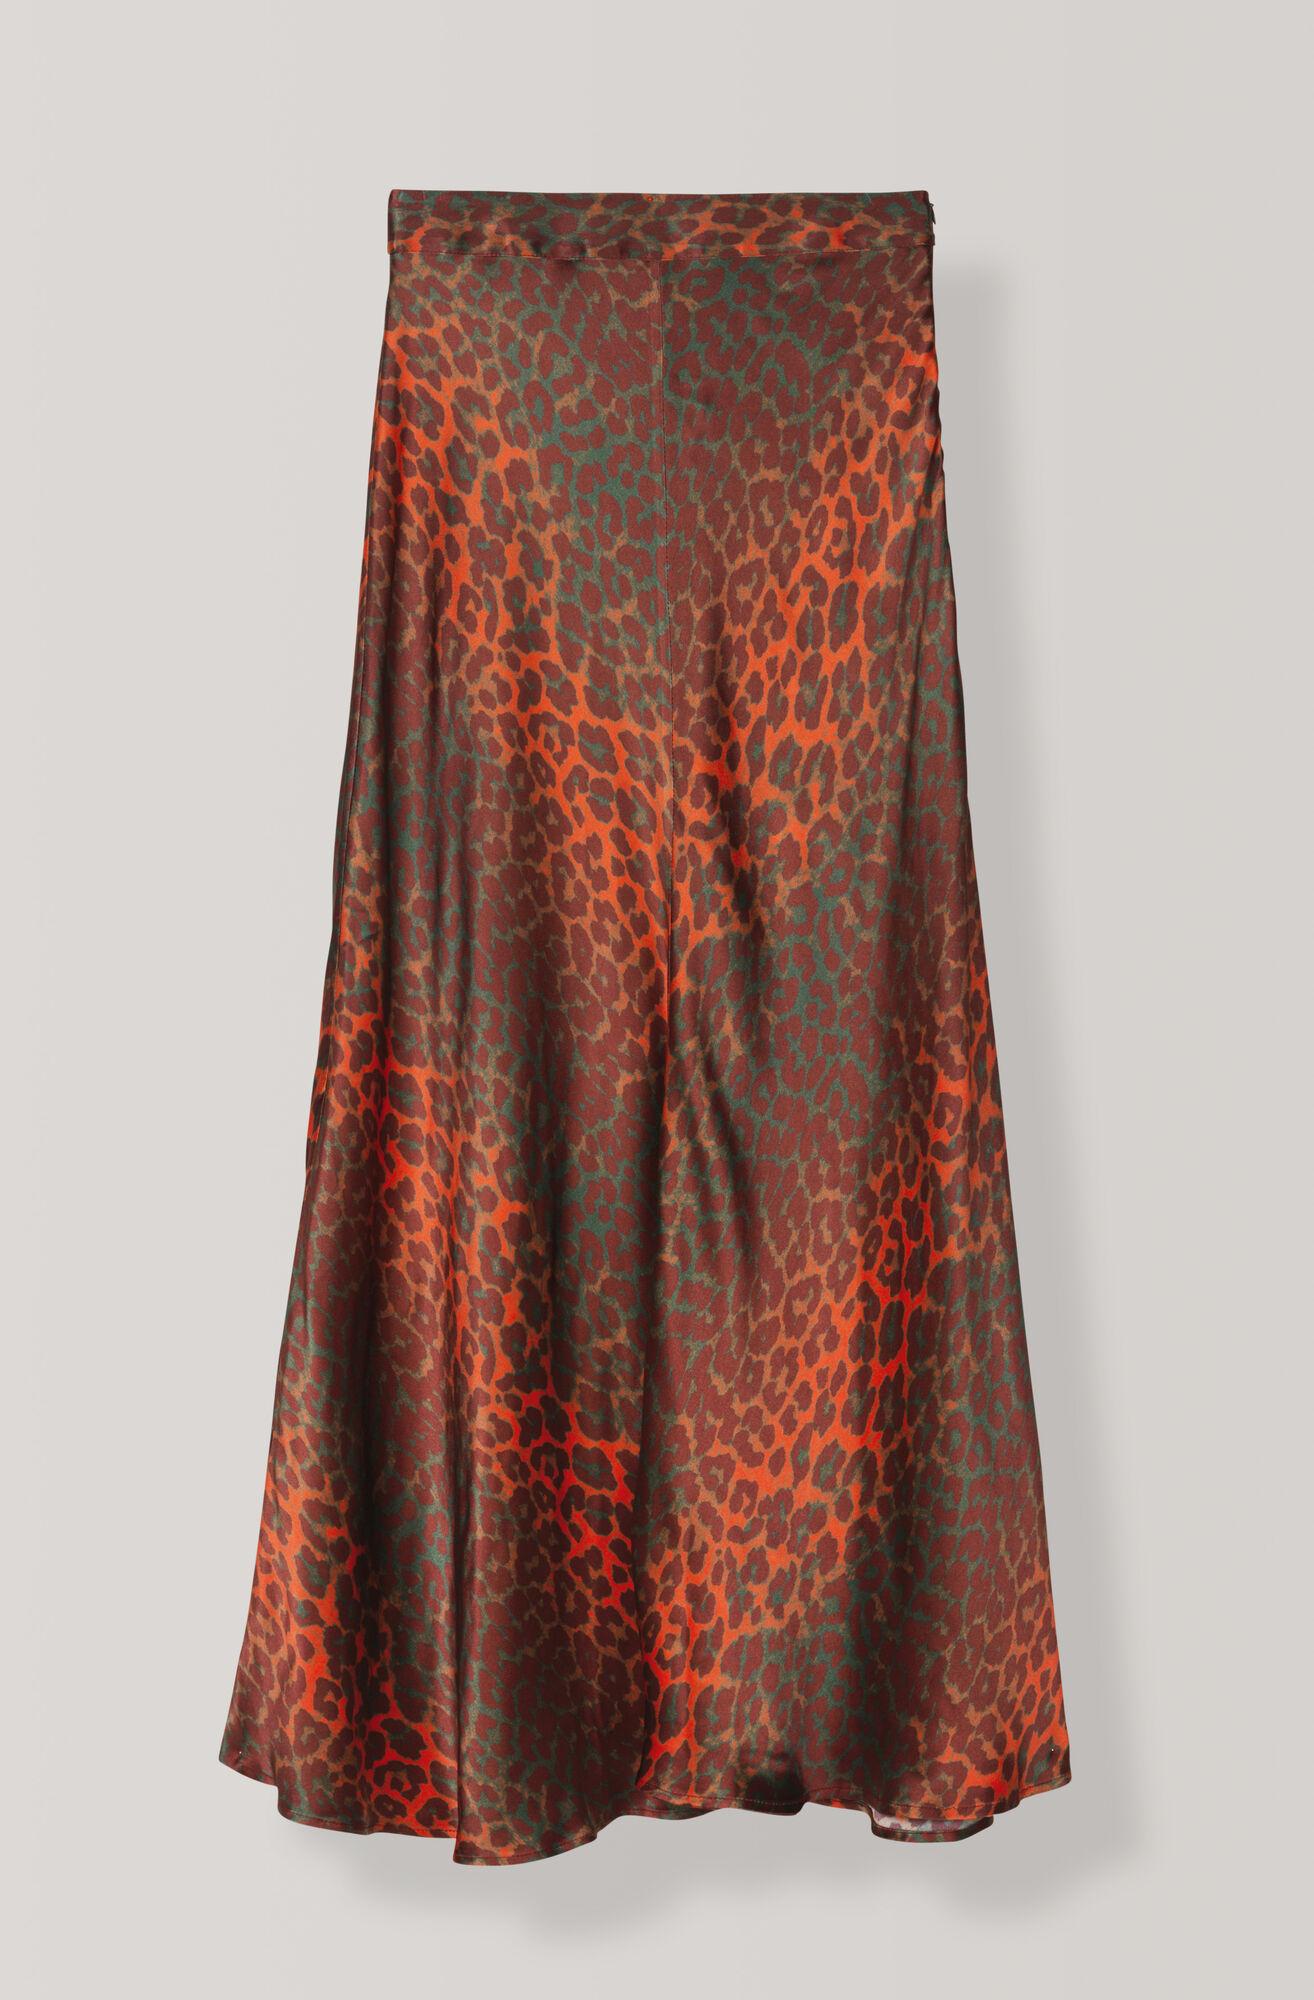 6b0b3aa34 GANNI Heavy Satin Skirt ( 270.00 GBP ) | Shop your new Heavy Satin ...